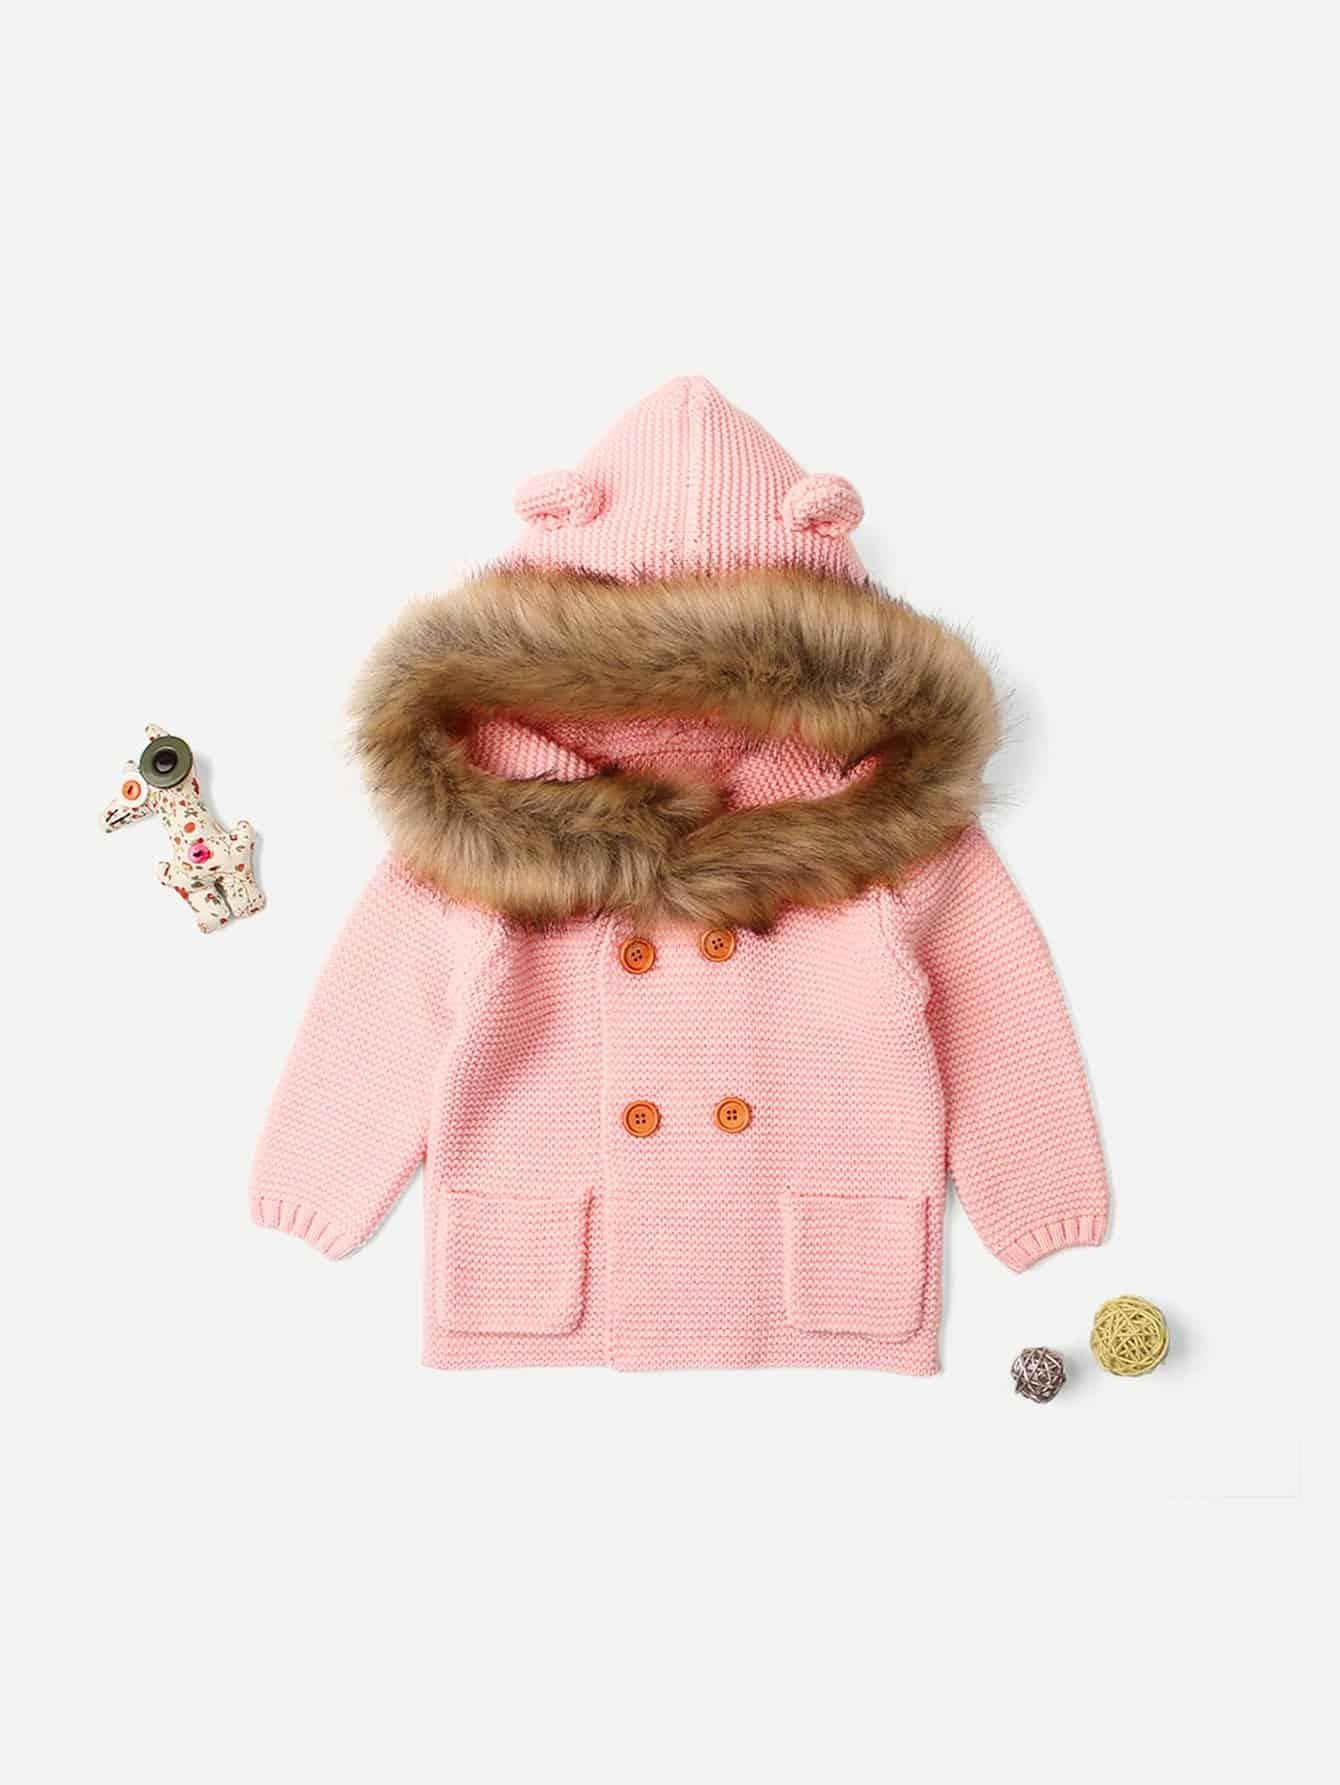 Купить Для маленьких девочек свитер пальто с капюшоном, null, SheIn